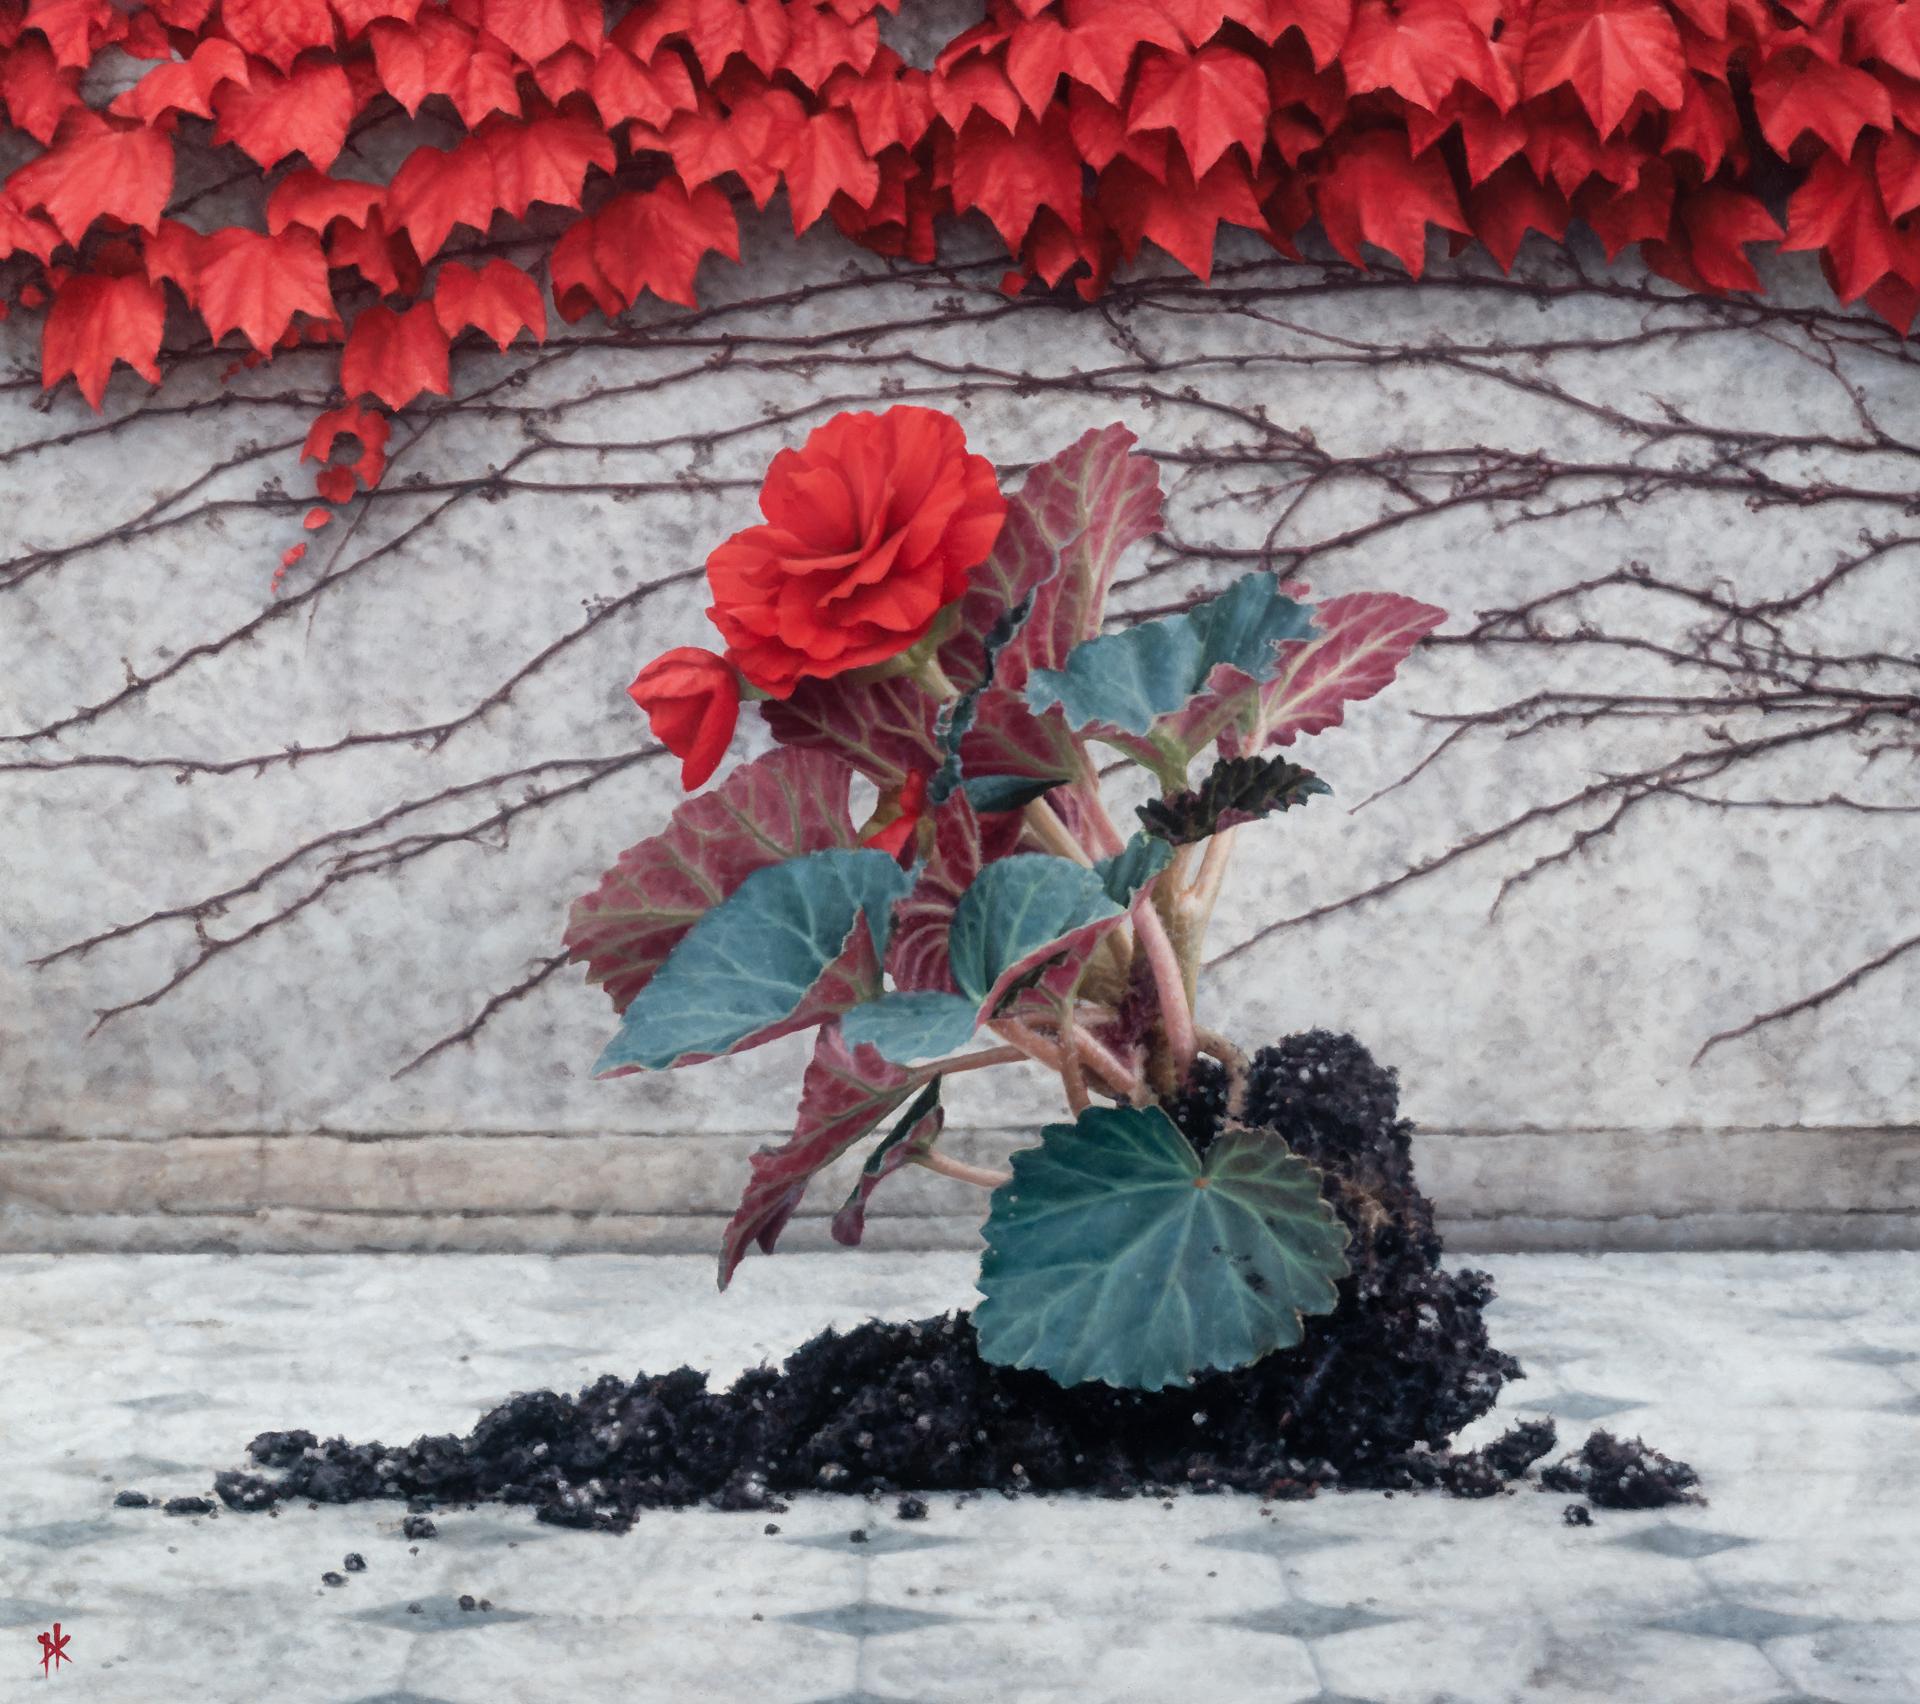 Crimson Current by Patrick Kramer